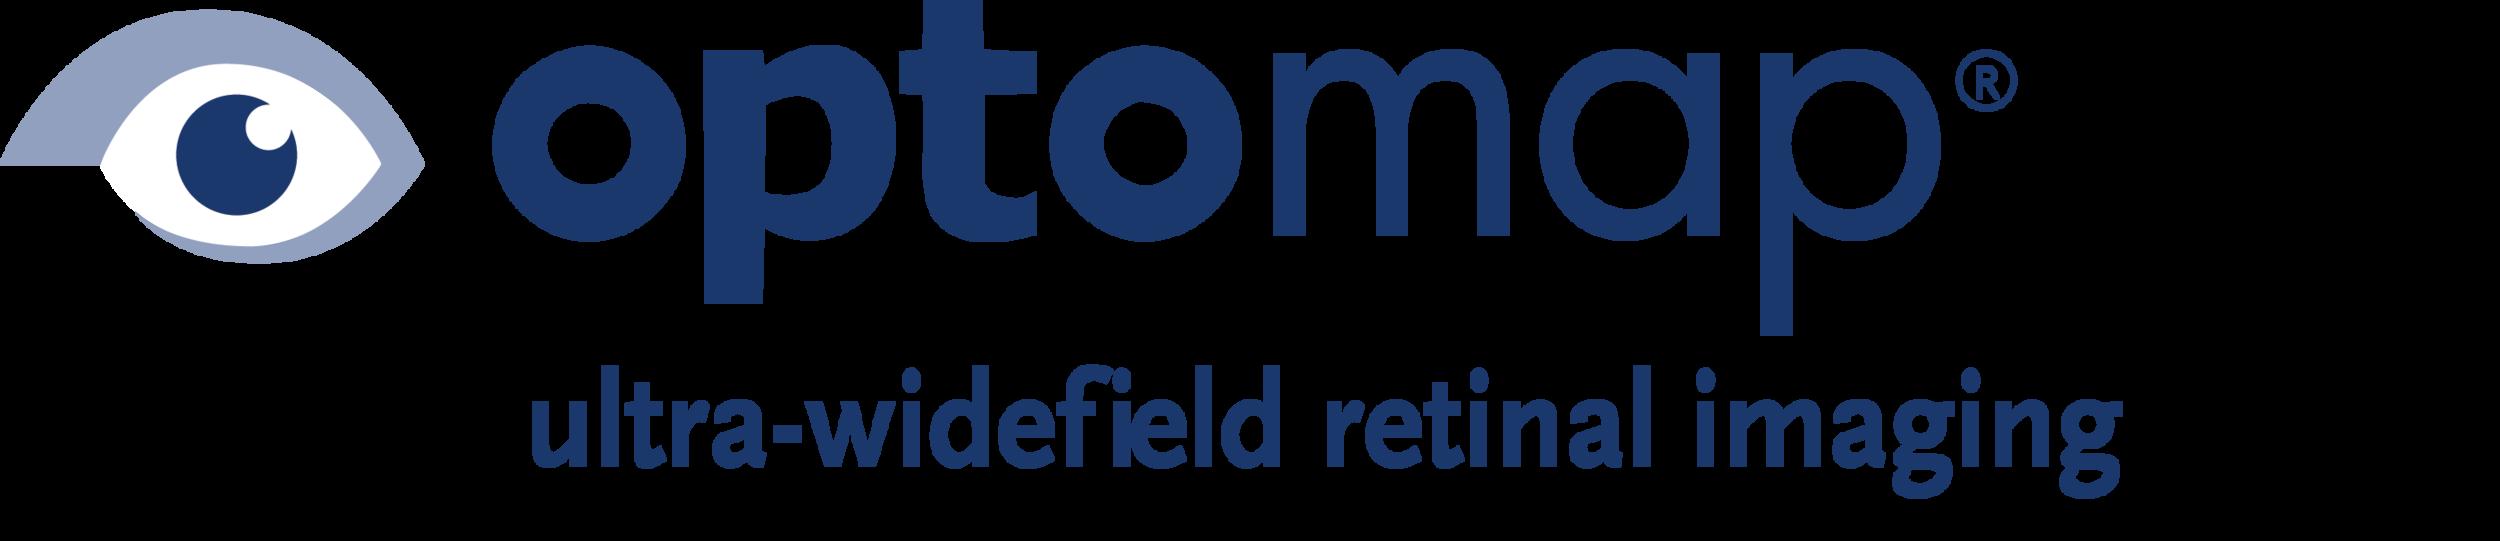 optomap-logo_ltblue_6.17.15.png